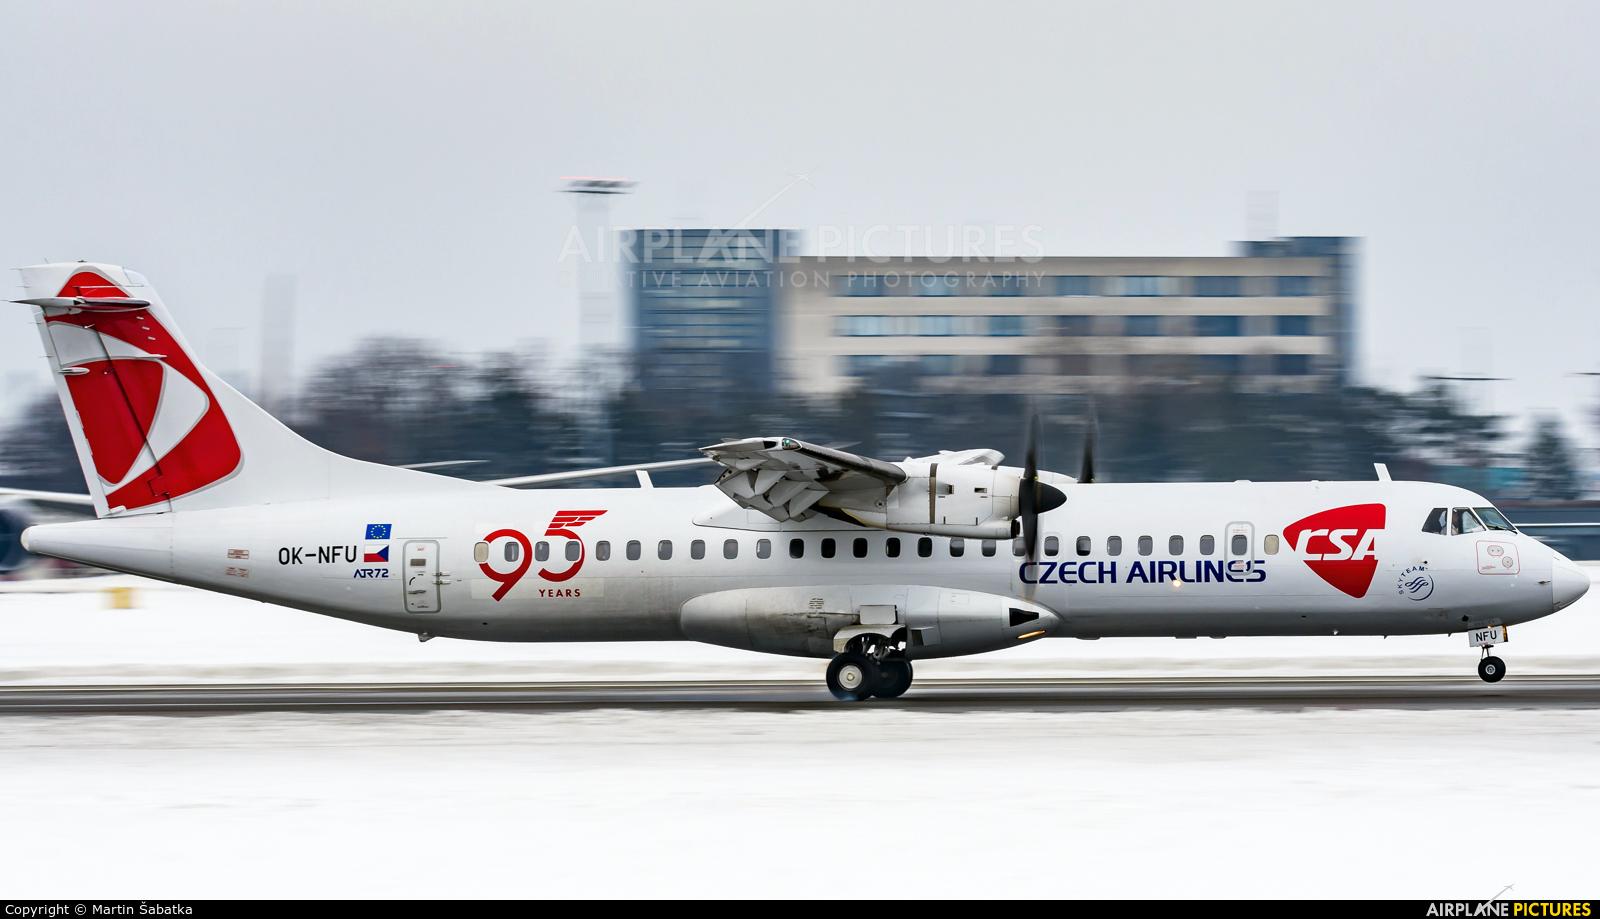 CSA - Czech Airlines OK-NFU aircraft at Prague - Václav Havel